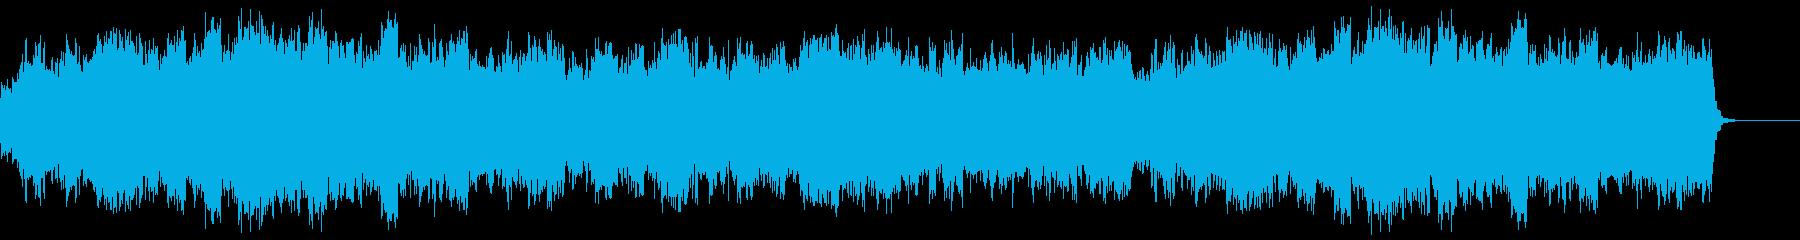 管弦楽による堂々とした行進曲の再生済みの波形